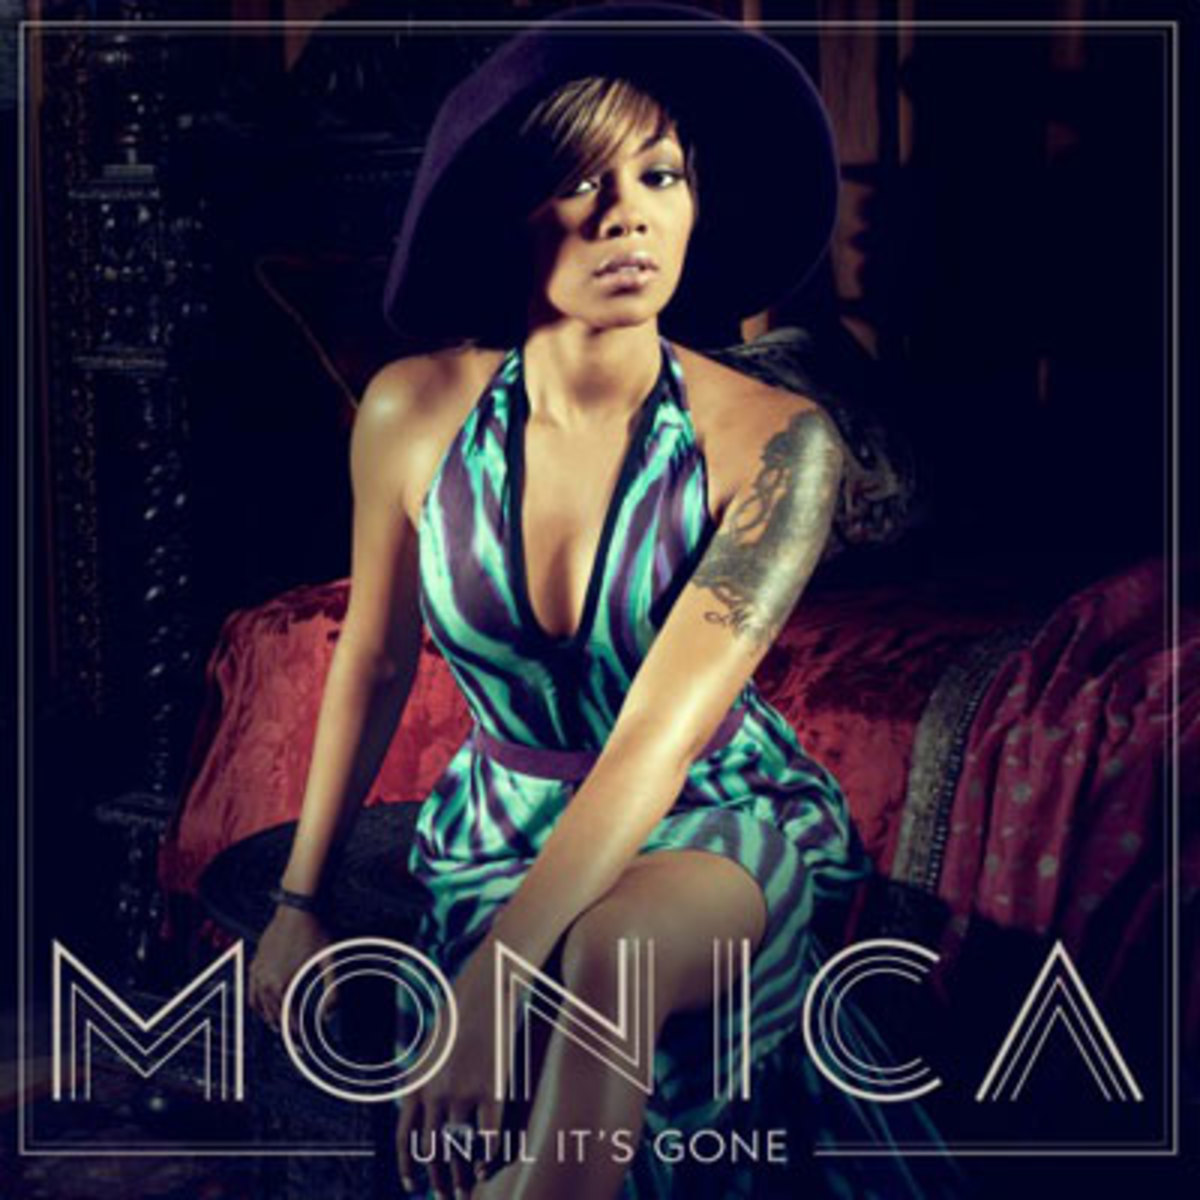 monica-untilitsgone.jpg